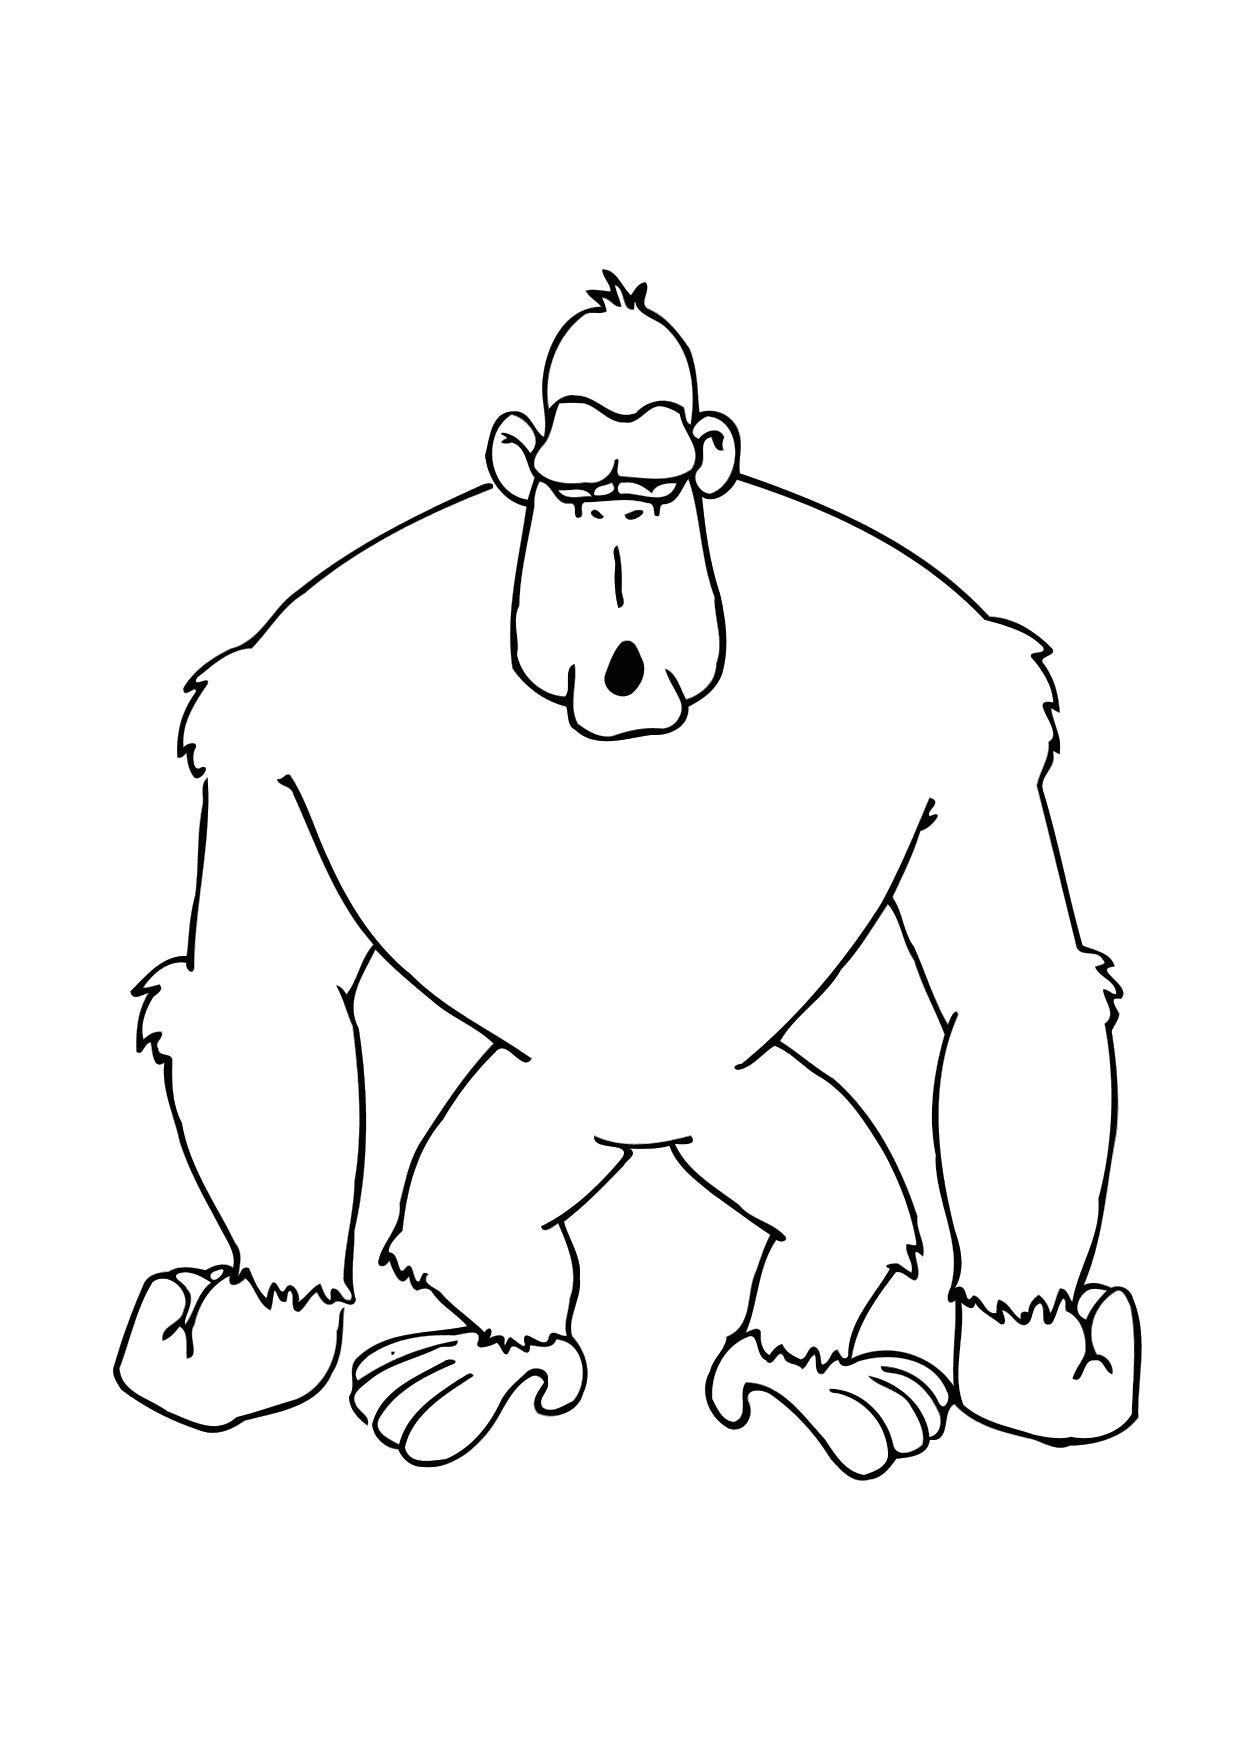 Bilde fargelegge gorilla bil 11615 - Dessin d un gorille ...